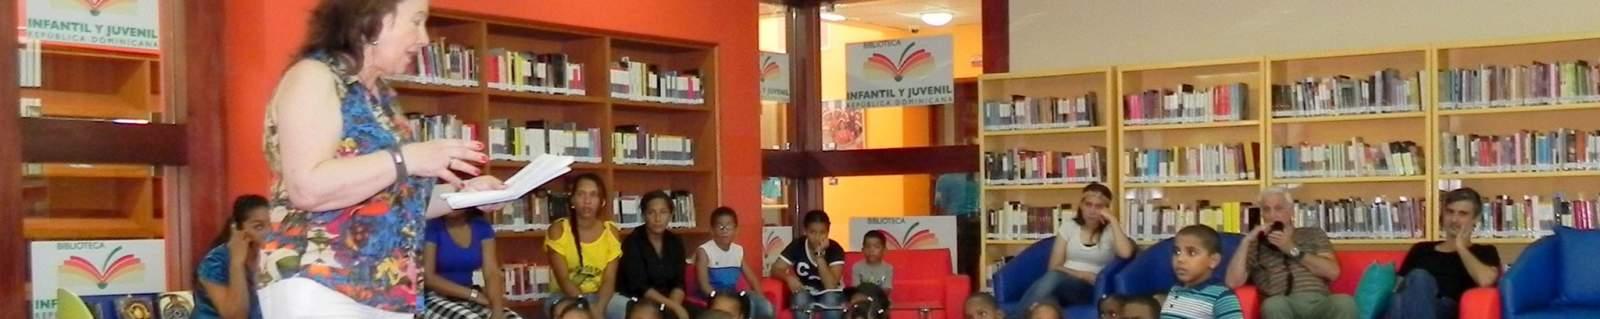 Encuentro de la escritora Mª Esther García con los niños y niñas de República Dominicana